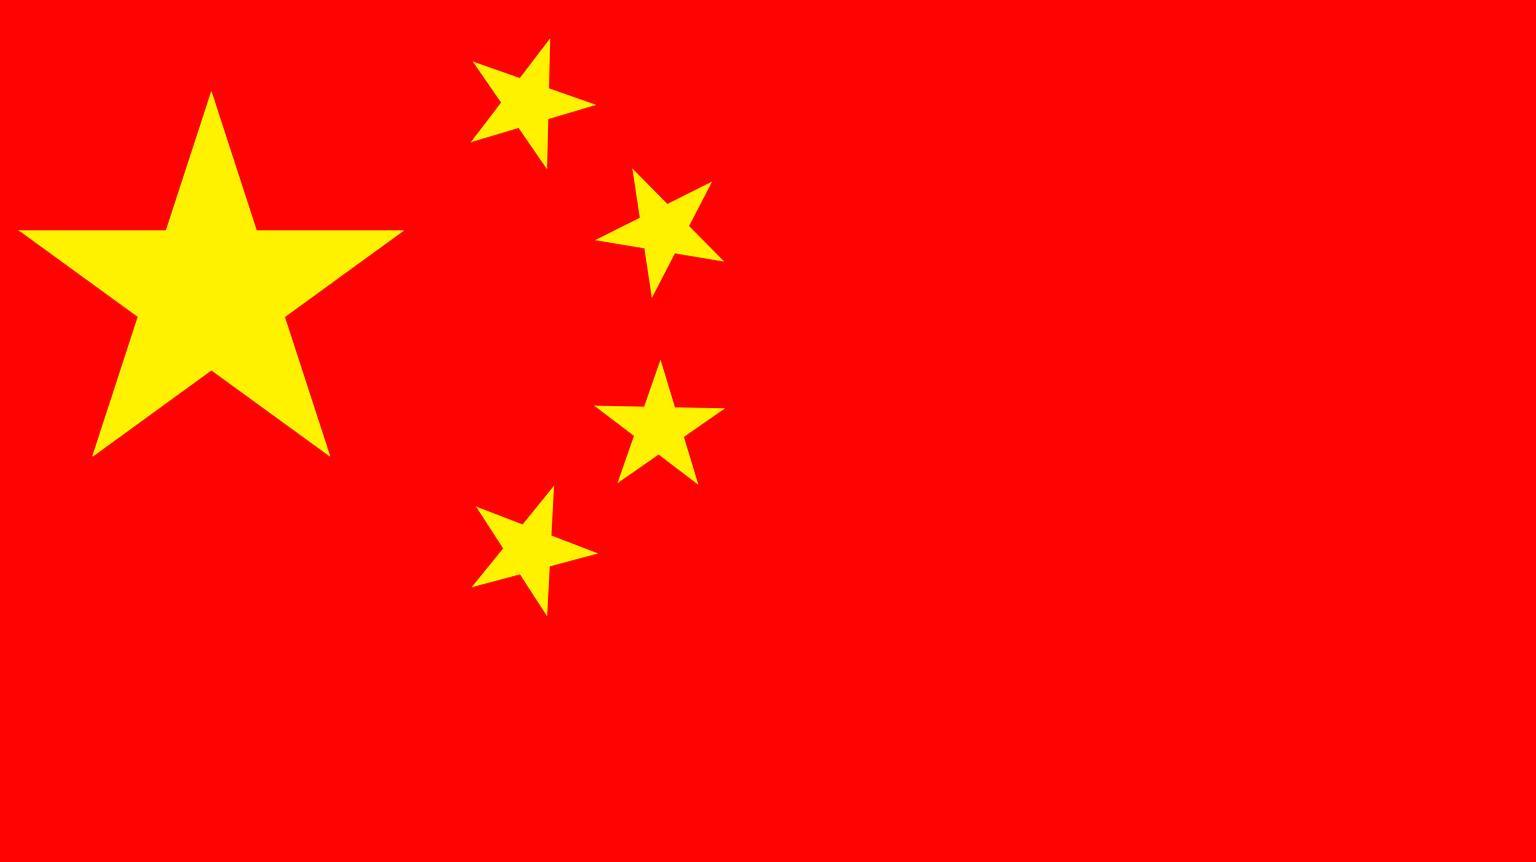 COMPRENDRE le Marché des #CRYPTO MONNAIES et IMPACT de la CHINE, Première puissance économique, XRP